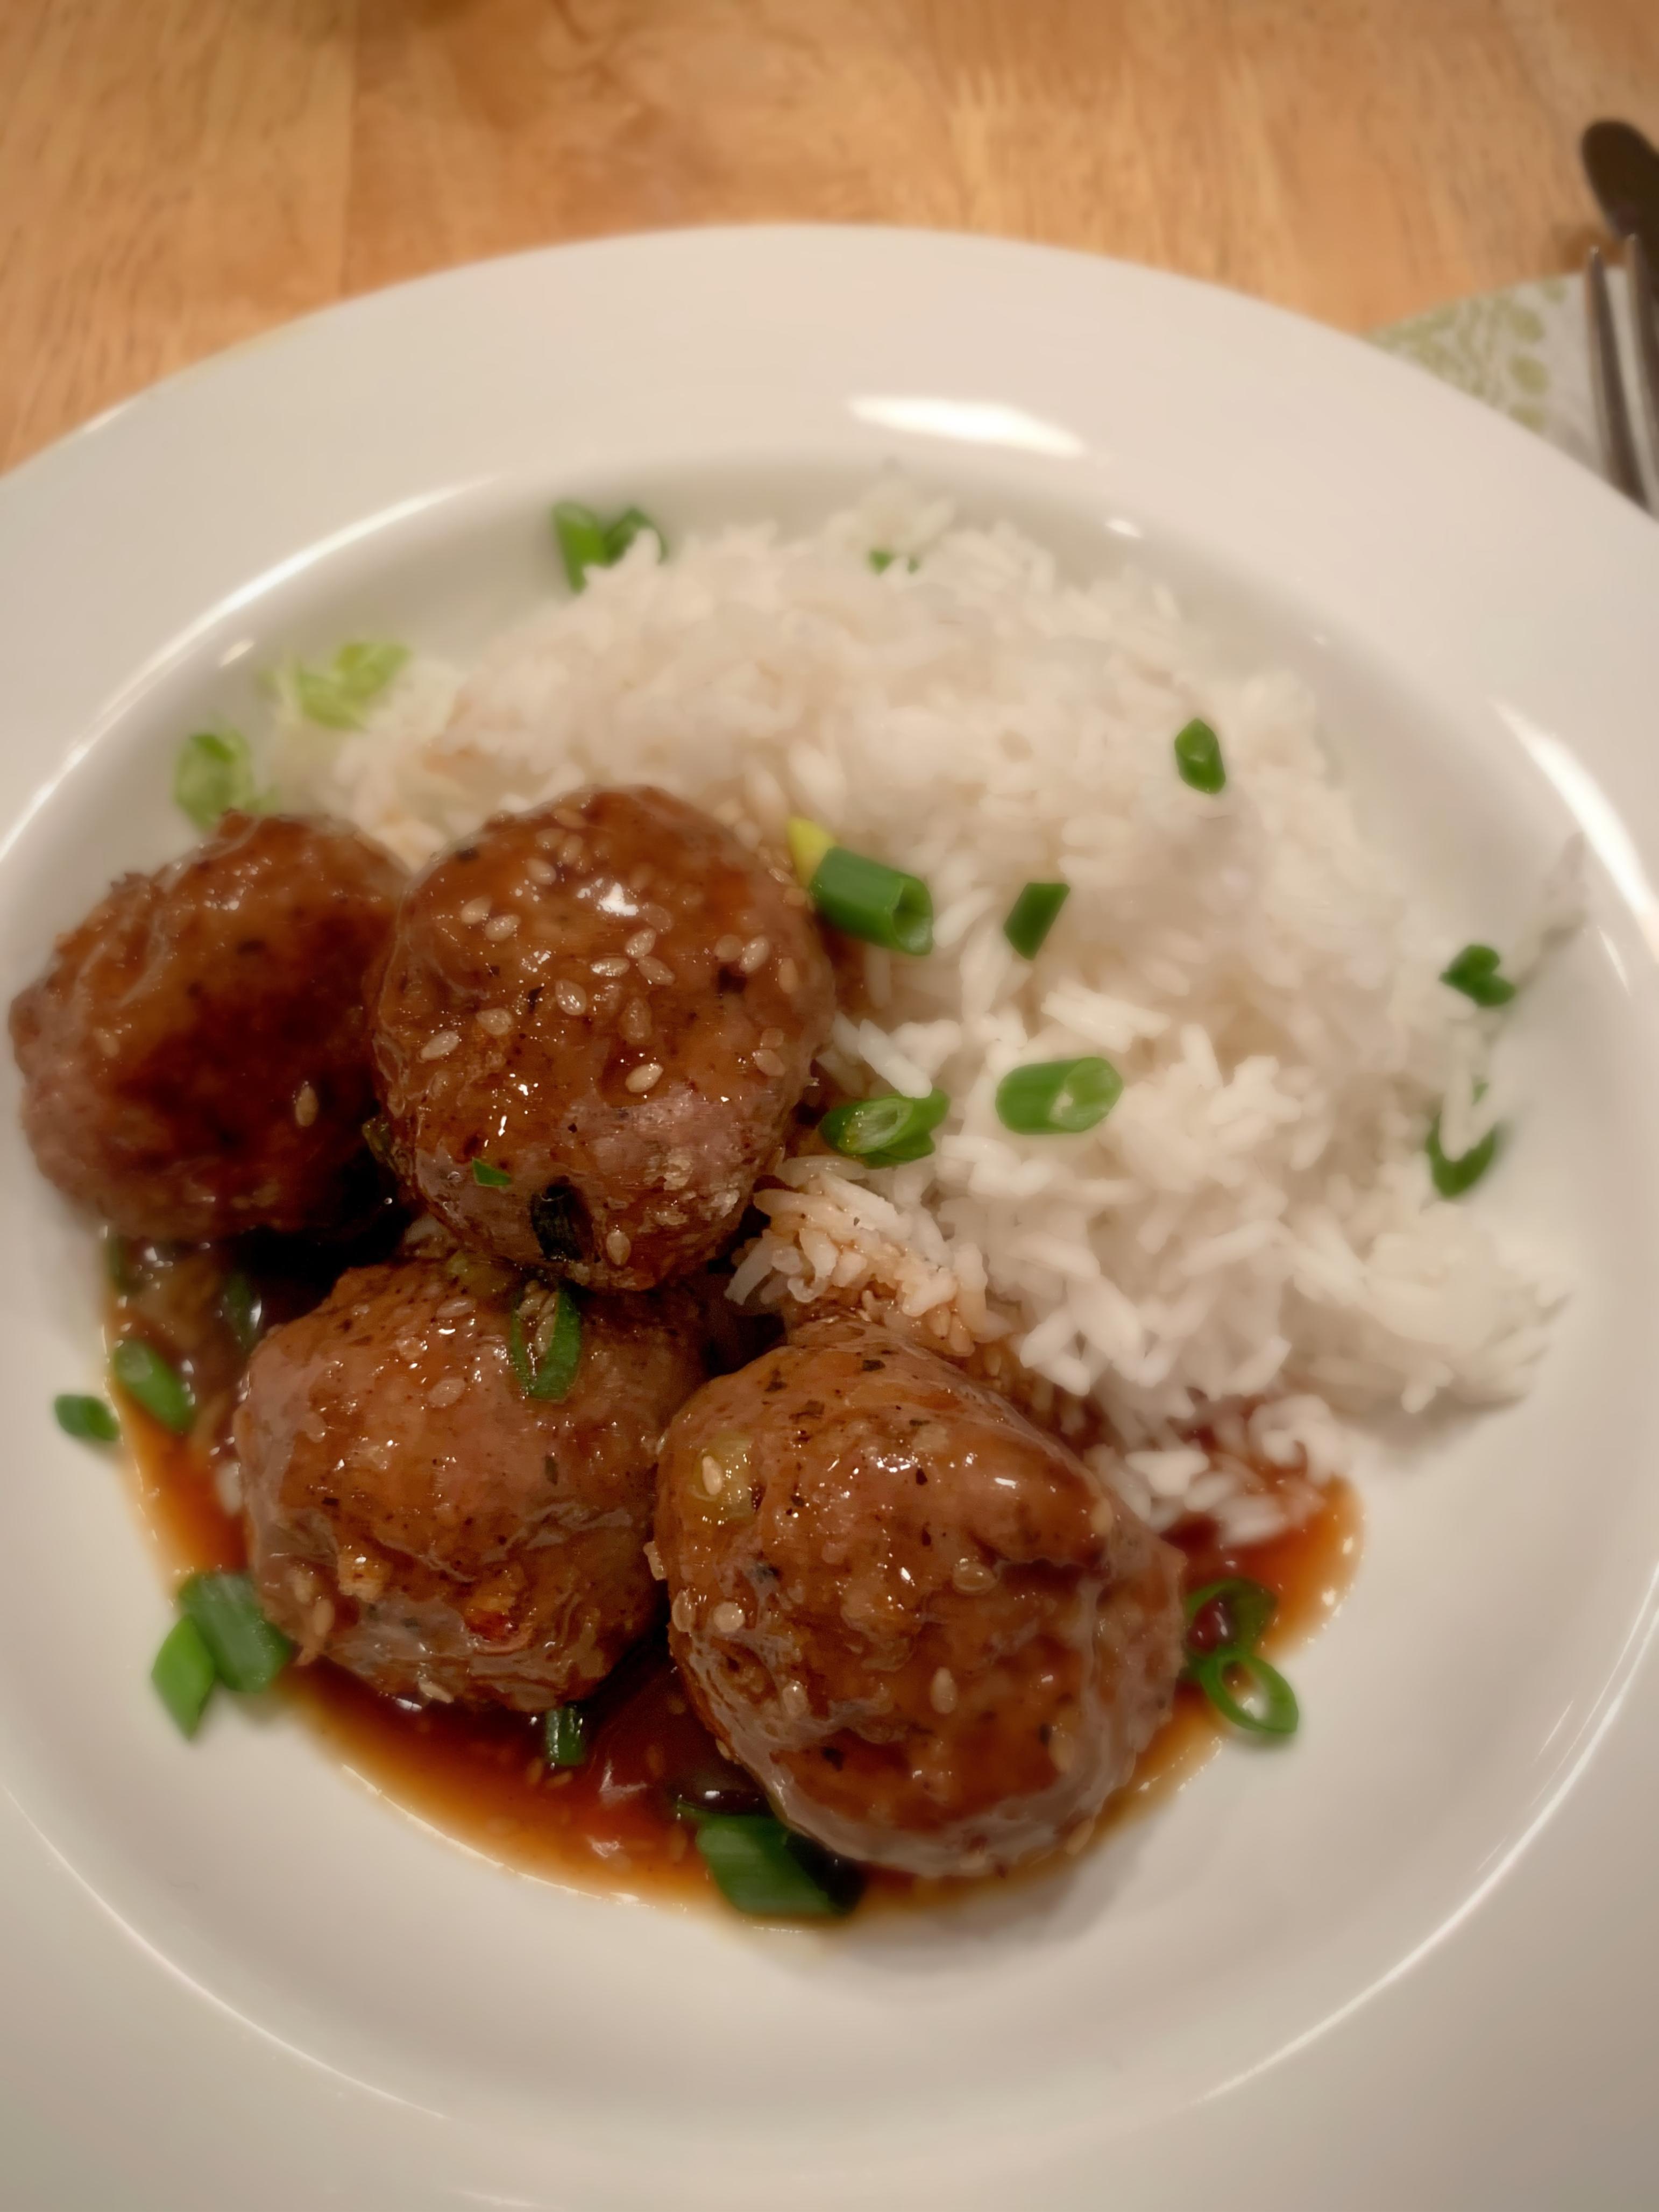 Hoisin meatballs